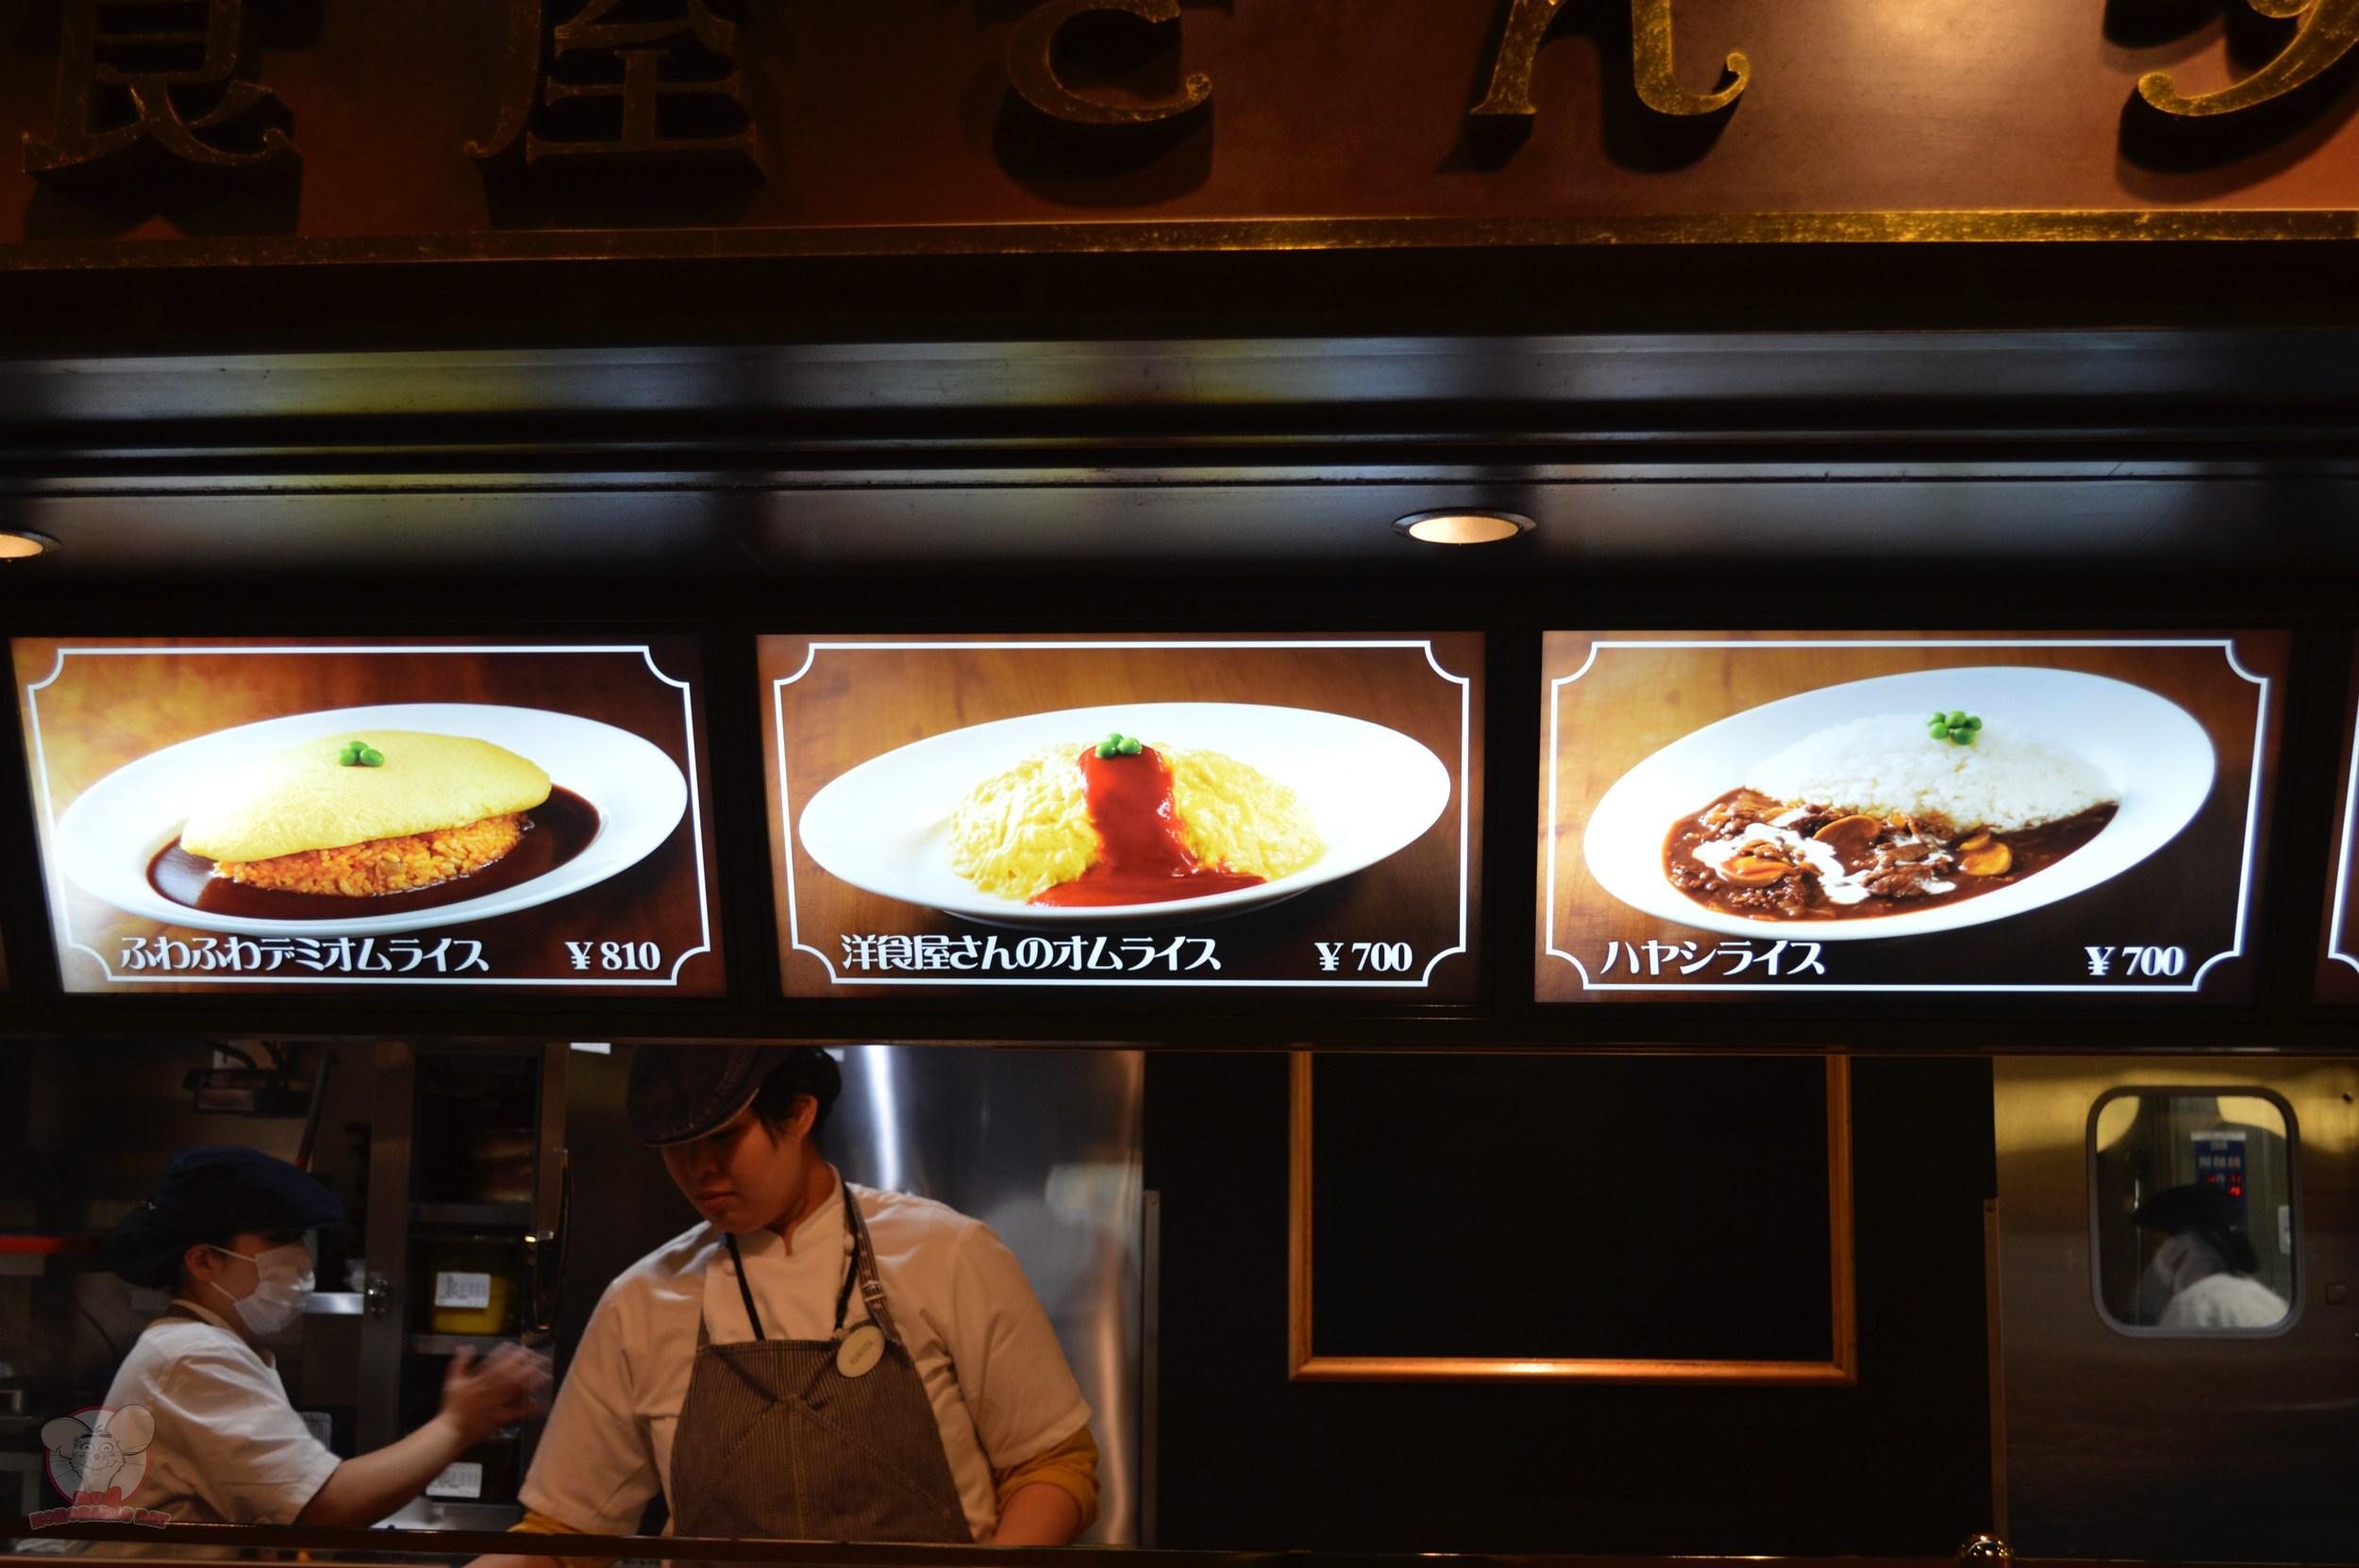 Maihama Yoshokuken's menu: A